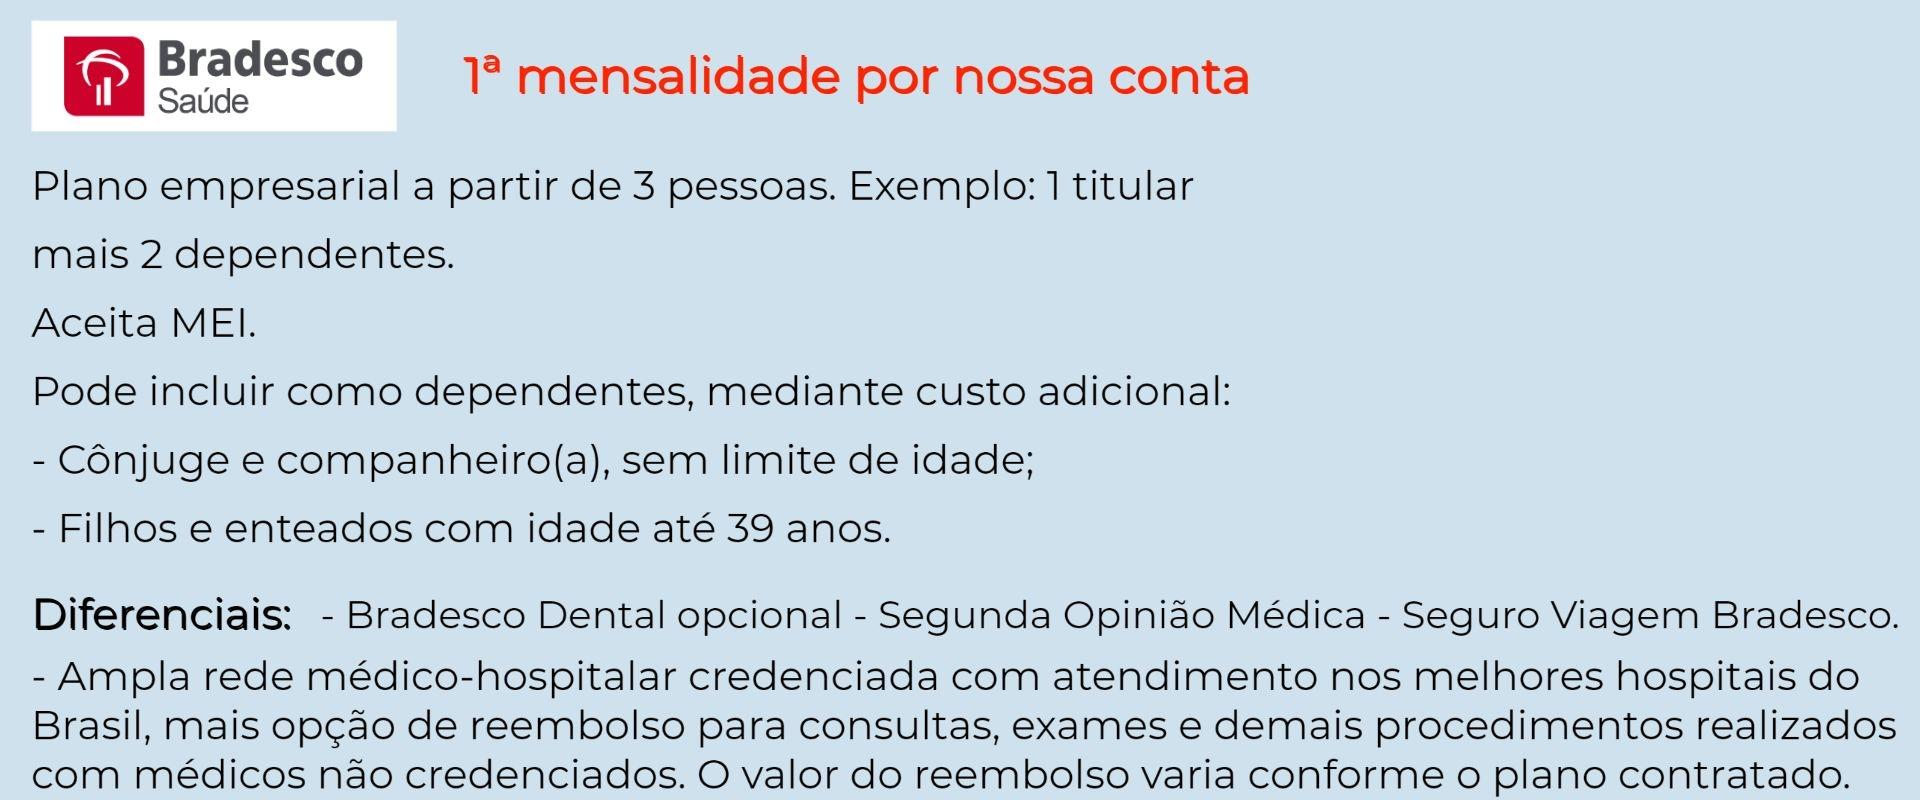 Bradesco Saúde Empresarial - São João da Boa Vista